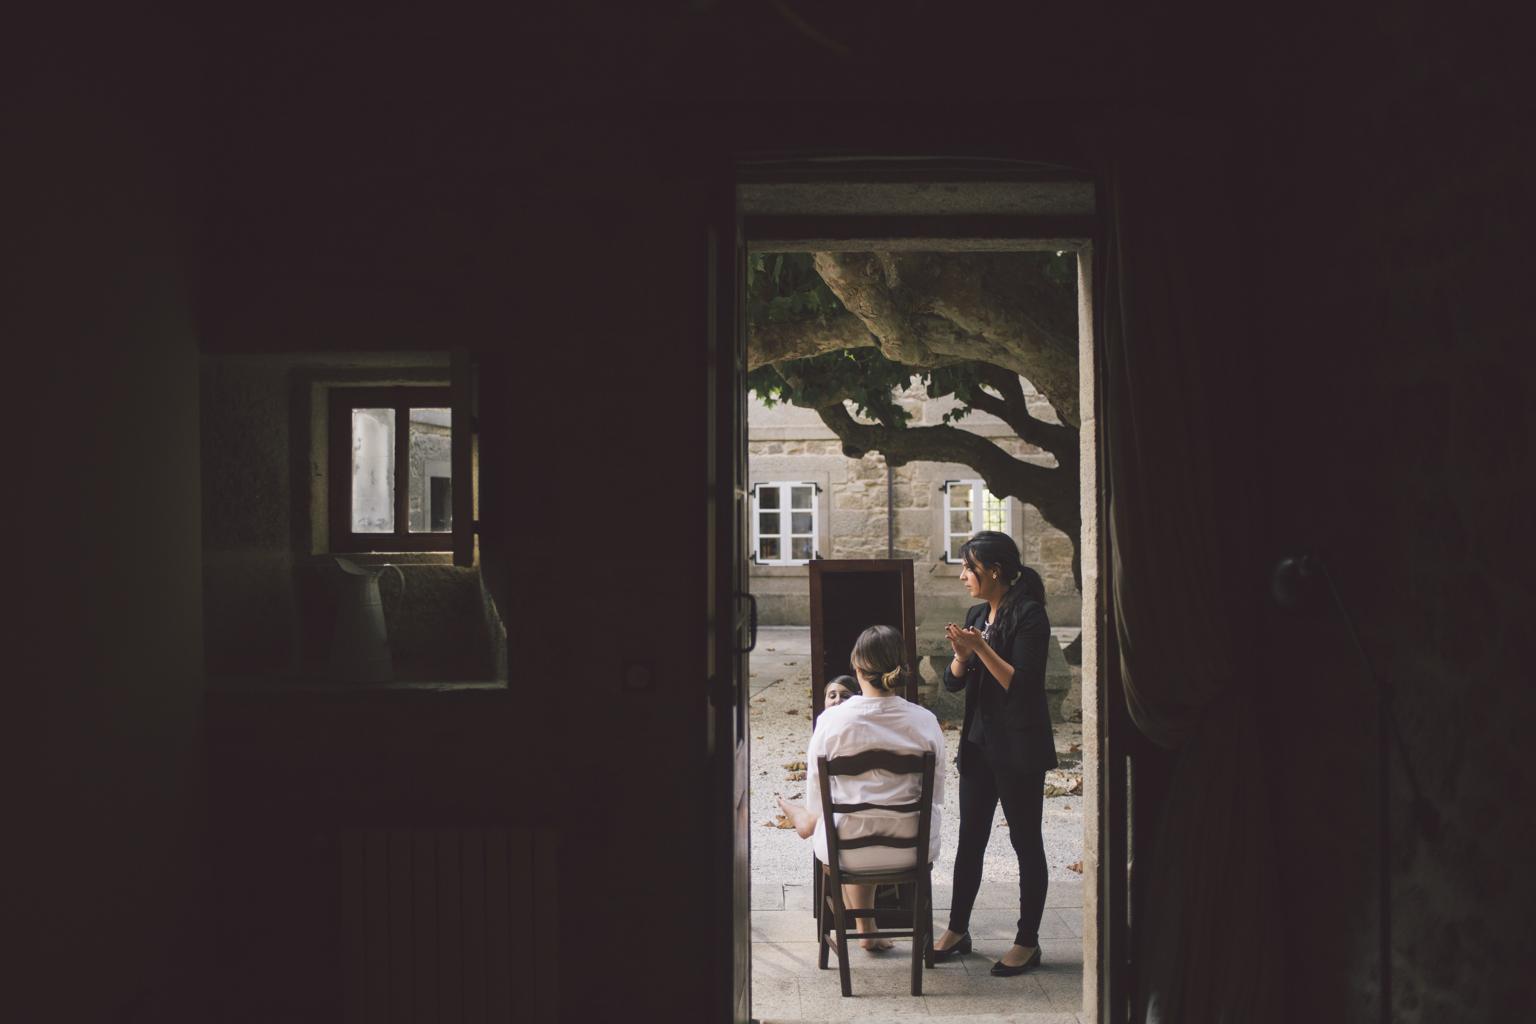 fotógrafo de bodas pontevedra :: pazo toxeiriña :: fotógrafo de bodas internacional :: destination wedding photographer :: bodas exclusivas :: bodas con encanto